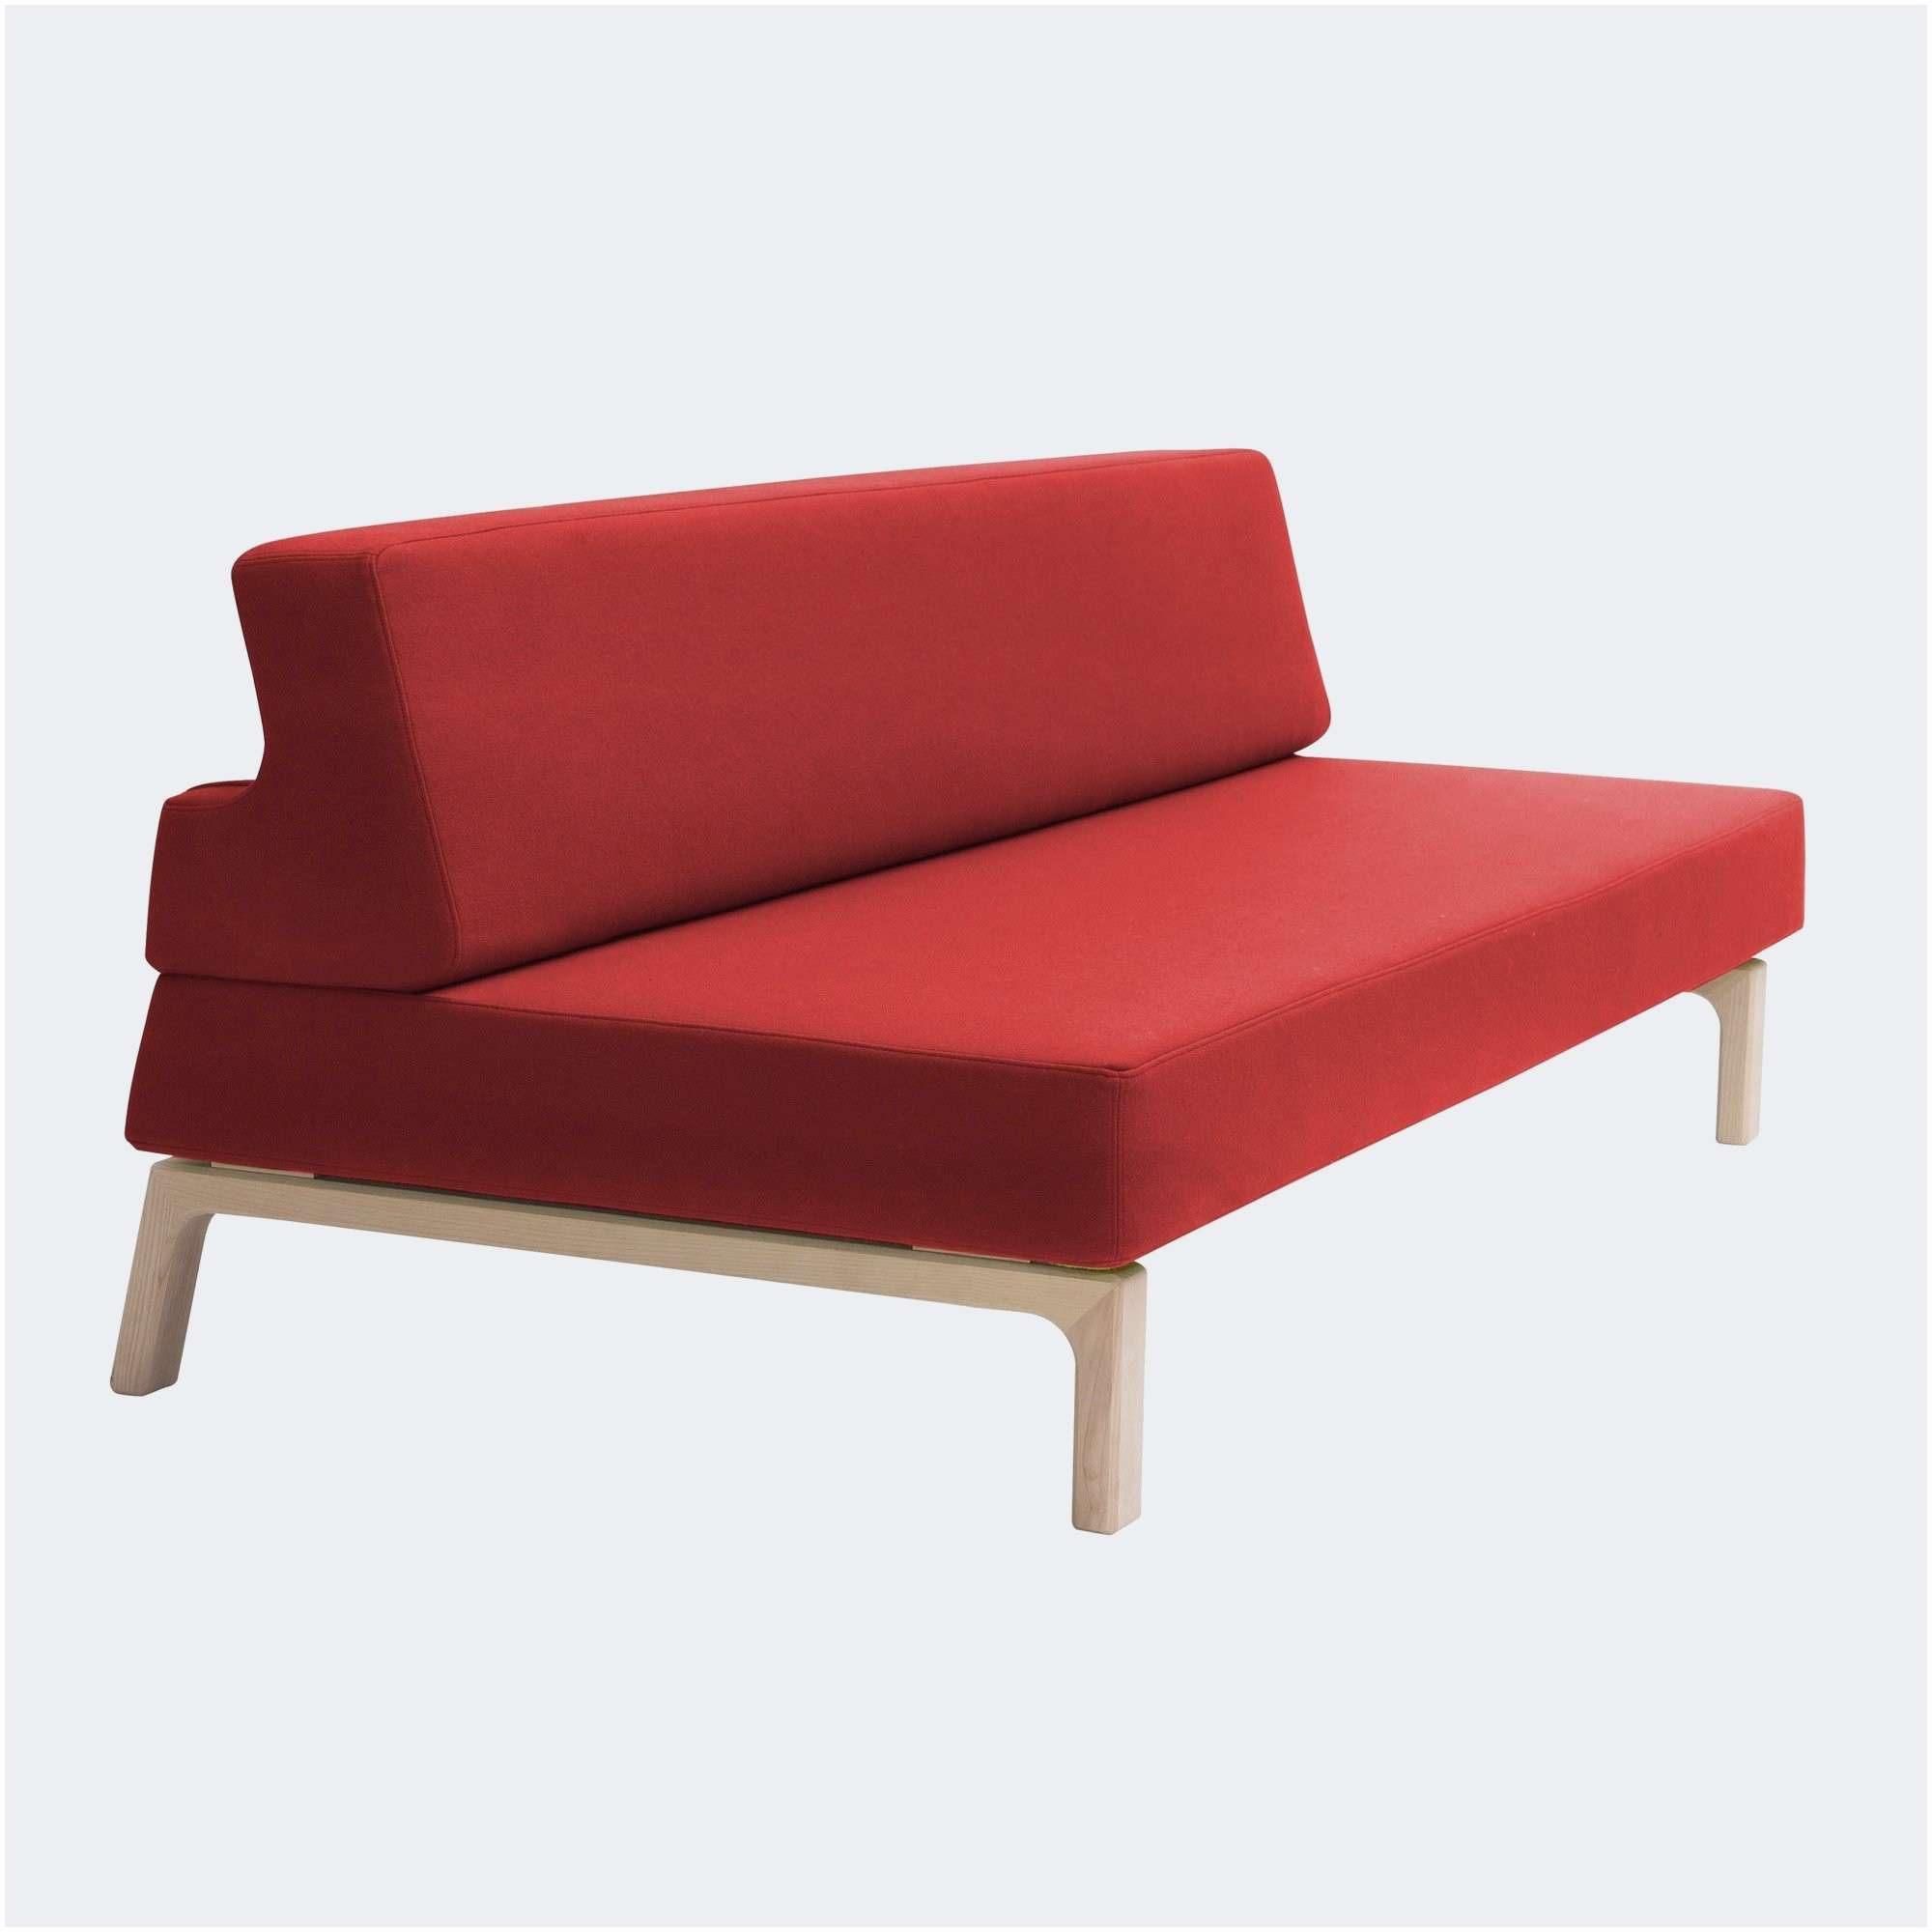 Beau Canapé 2 Angles Canap Lit Rouge 3 C3 A9 Design Tgm872 ton Pour